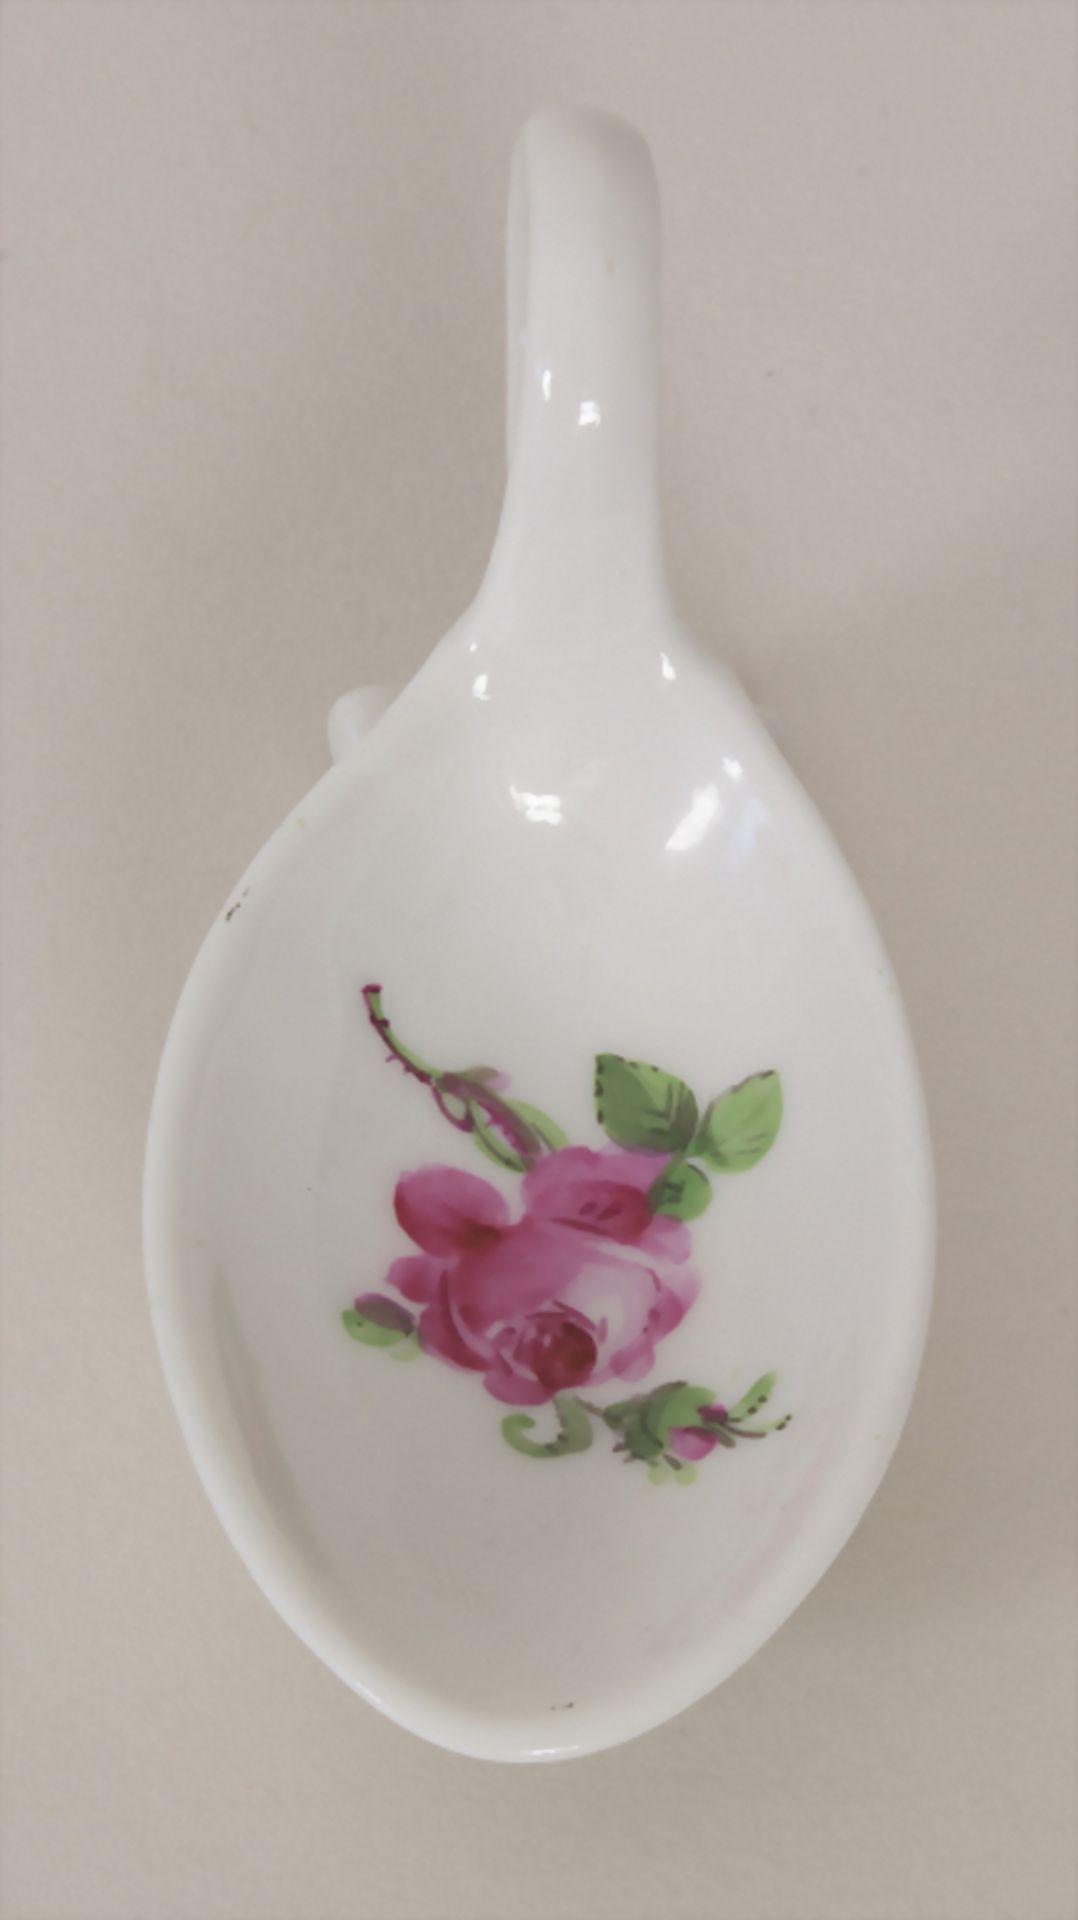 Seltener Löffel 'Rote Rose' / A rare spoon with rose pattern, Meissen, Mitte 19. Jh. - Bild 2 aus 5